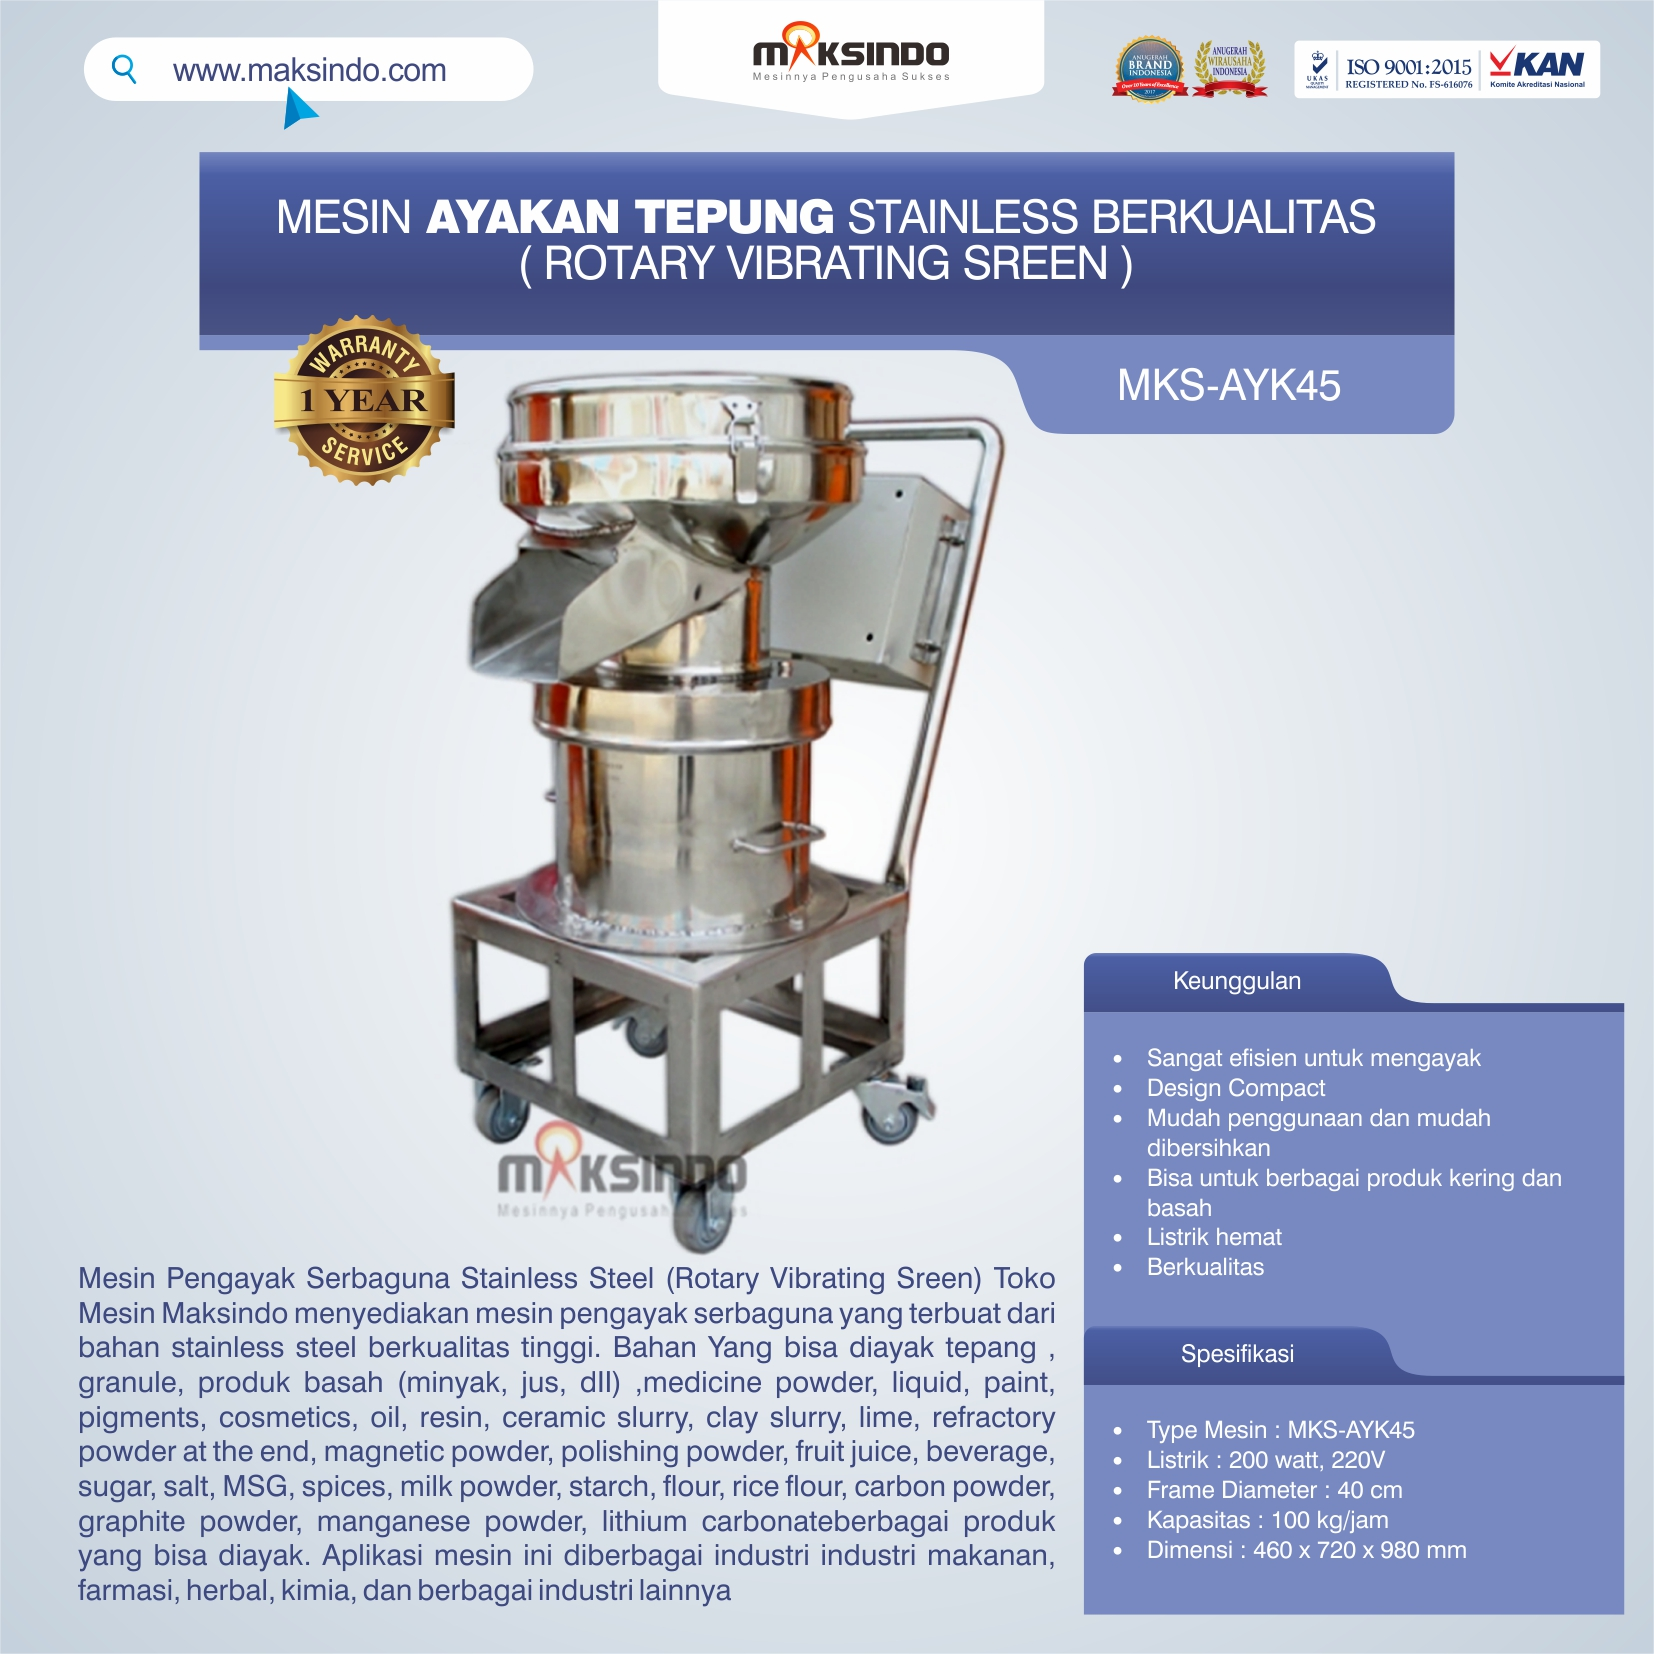 Jual Mesin Ayakan Tepung Stainless Berkualitas di Medan